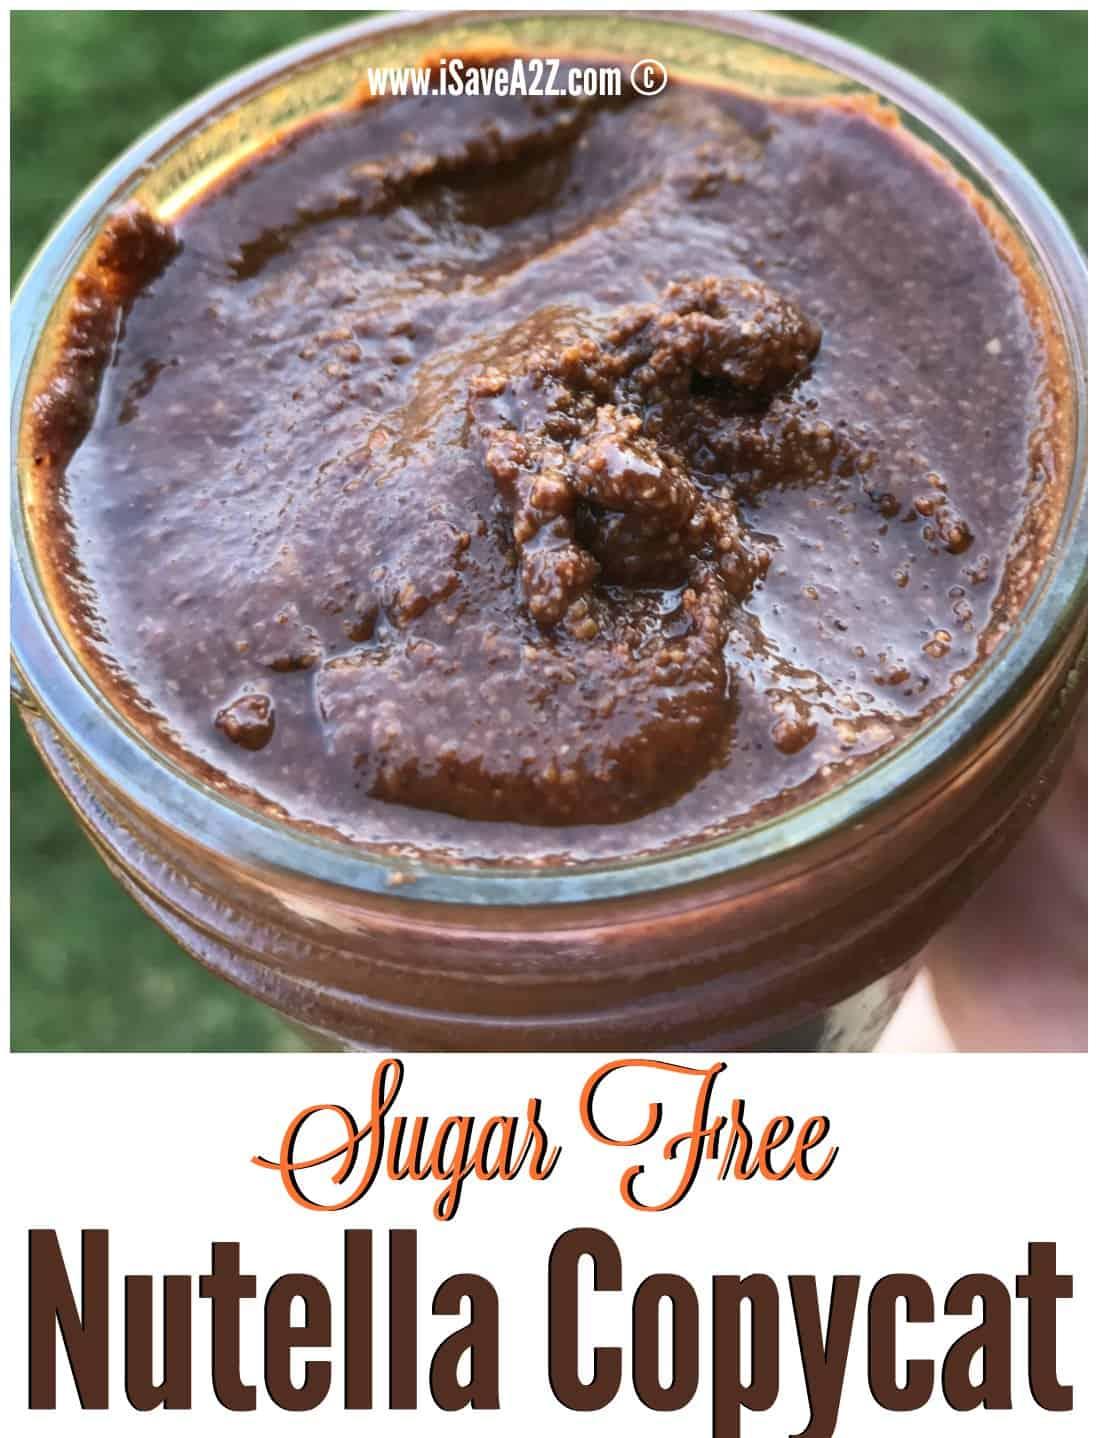 Sugar Free Nutella Copycat Recipe